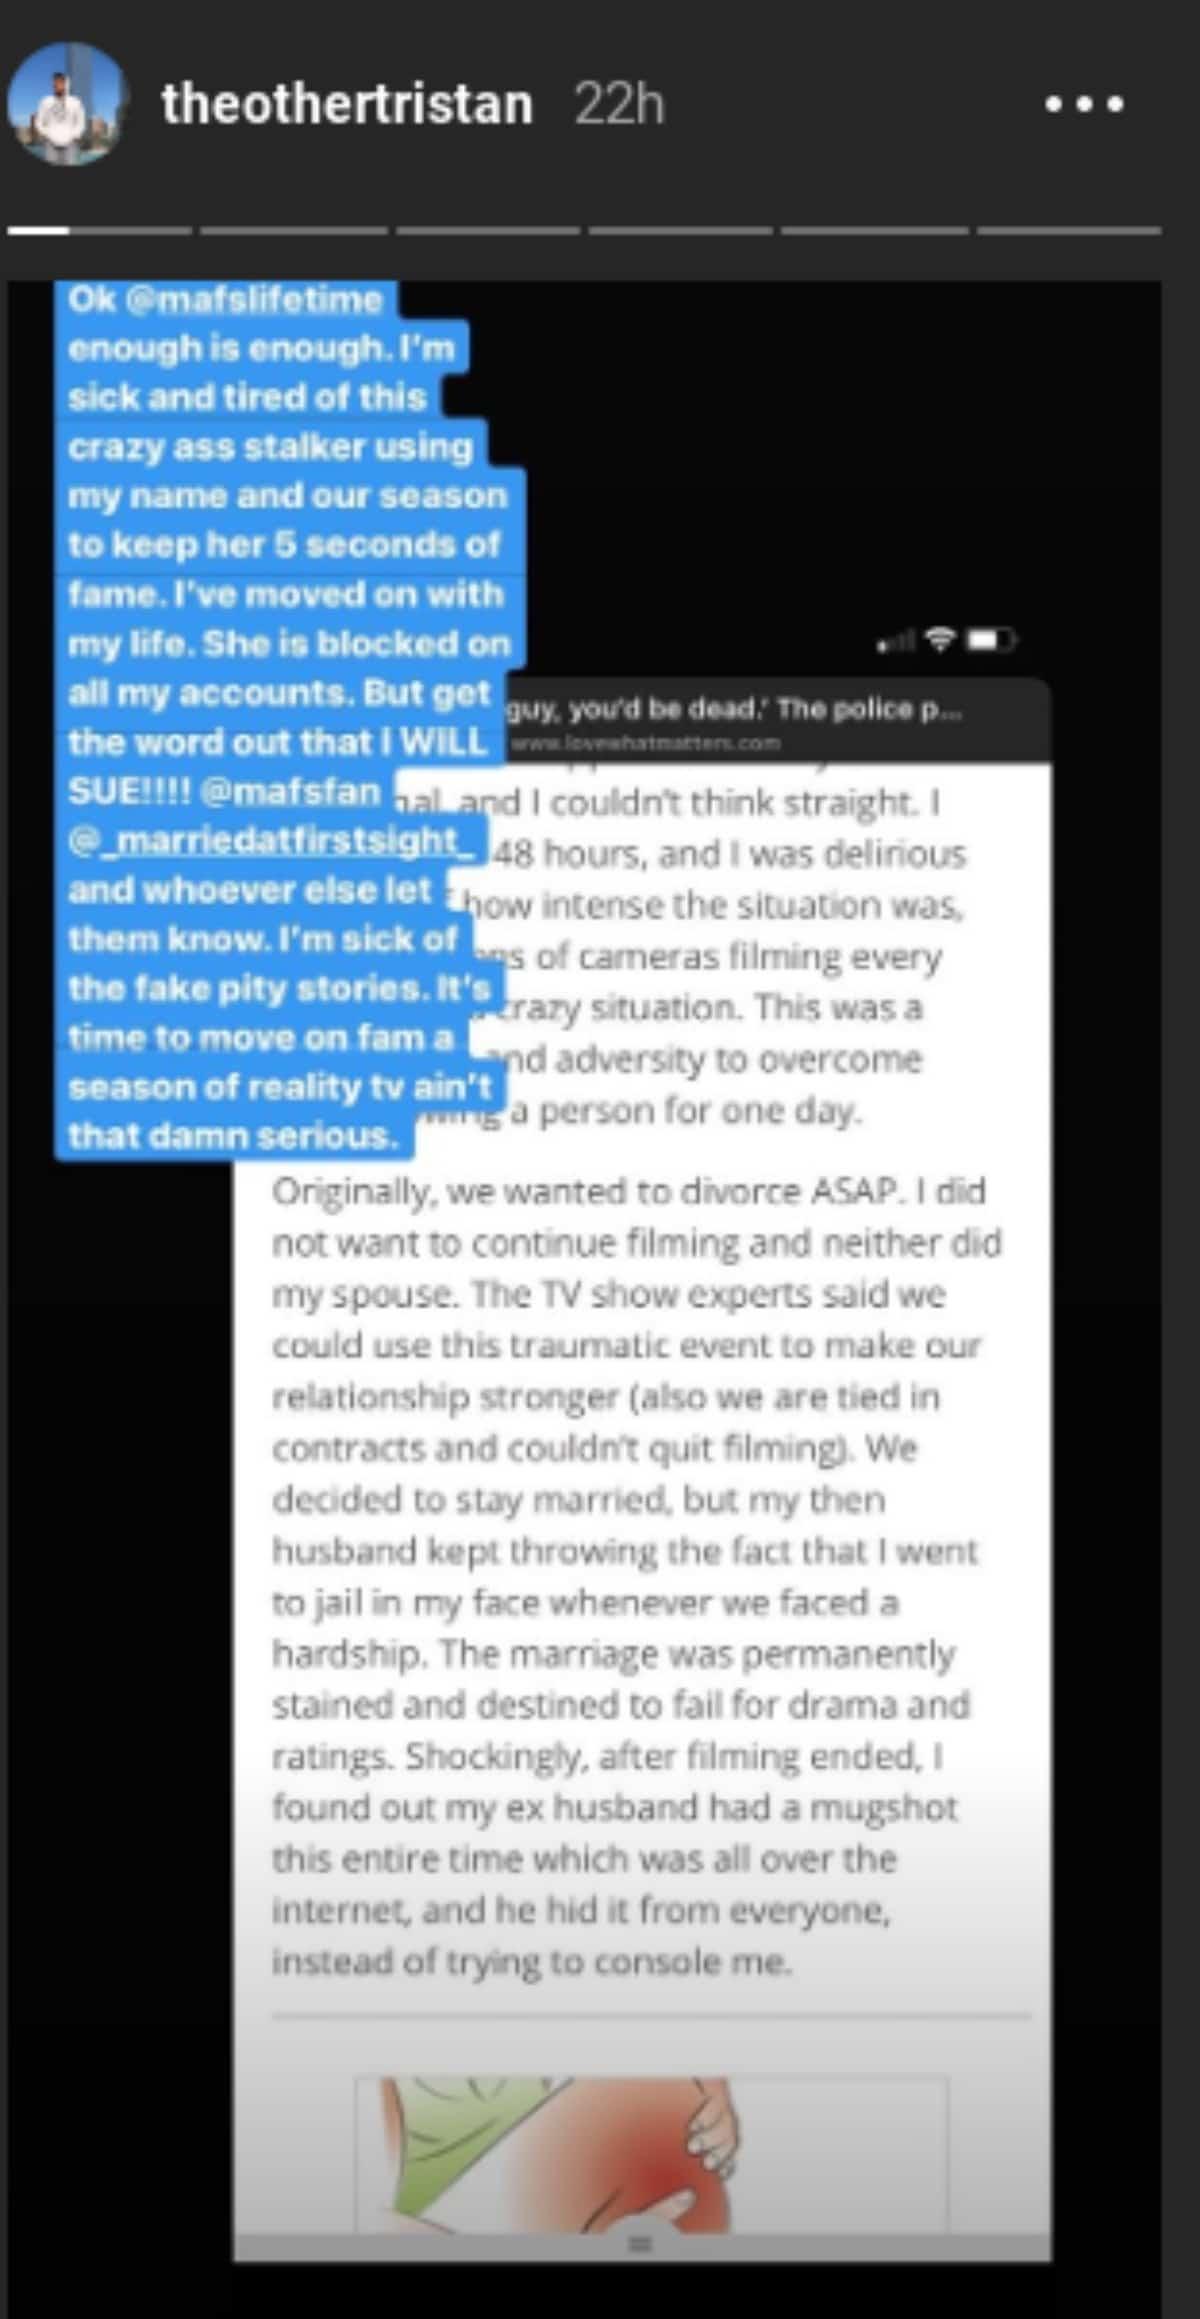 Tristan's Instagram story